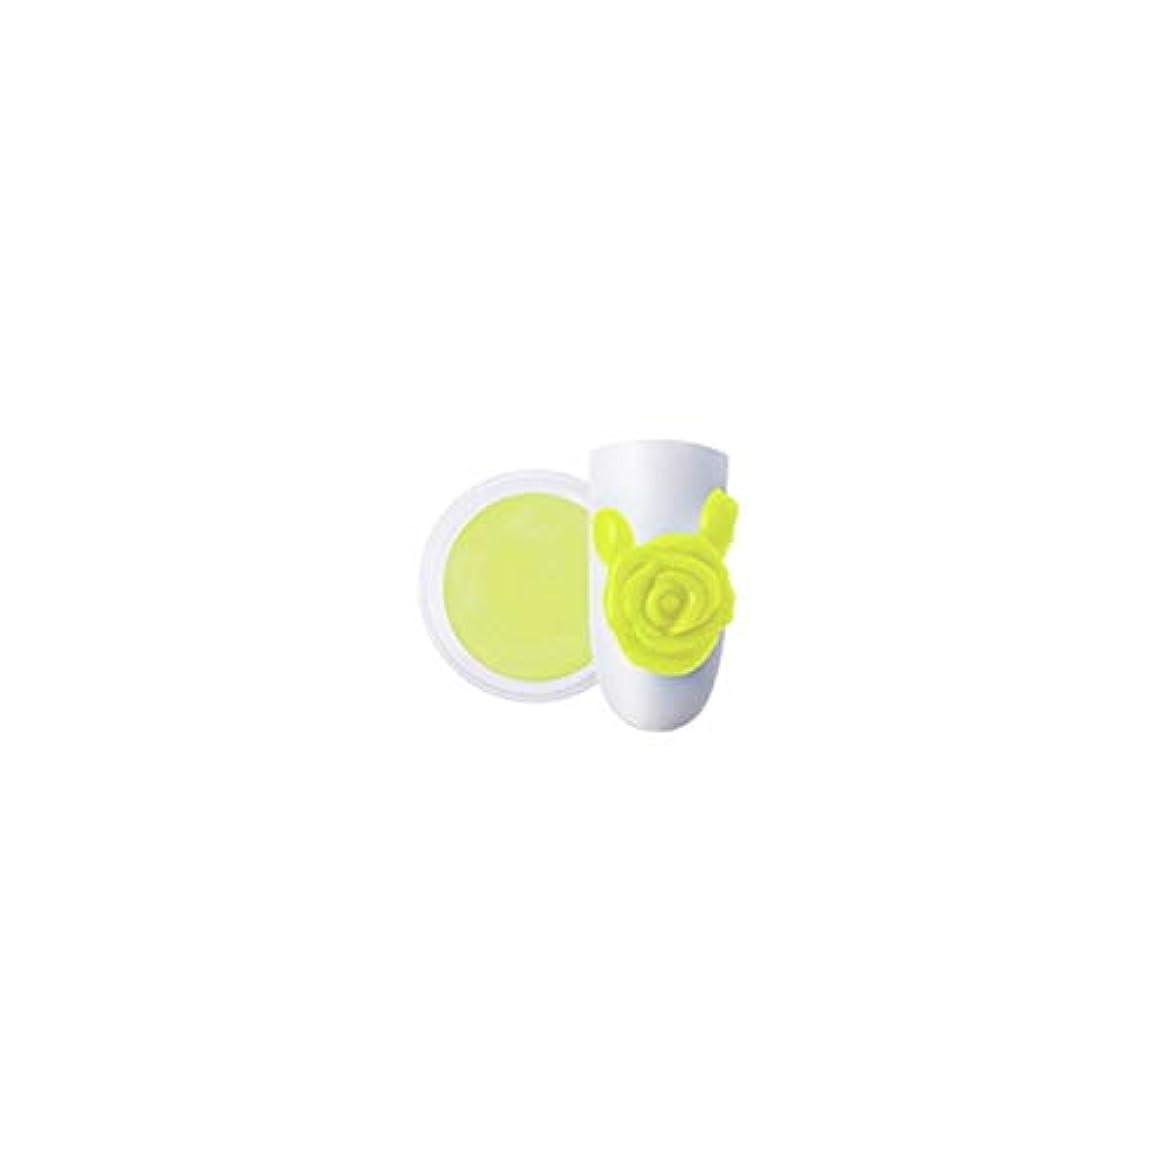 手荷物ストローくつろぐLALONA [ ラローナ ] カービングジェル (ROSALIND) (5ml) ジェルネイル 3Dジェル 4Dジェル クレイジェル デコネイル (A460)